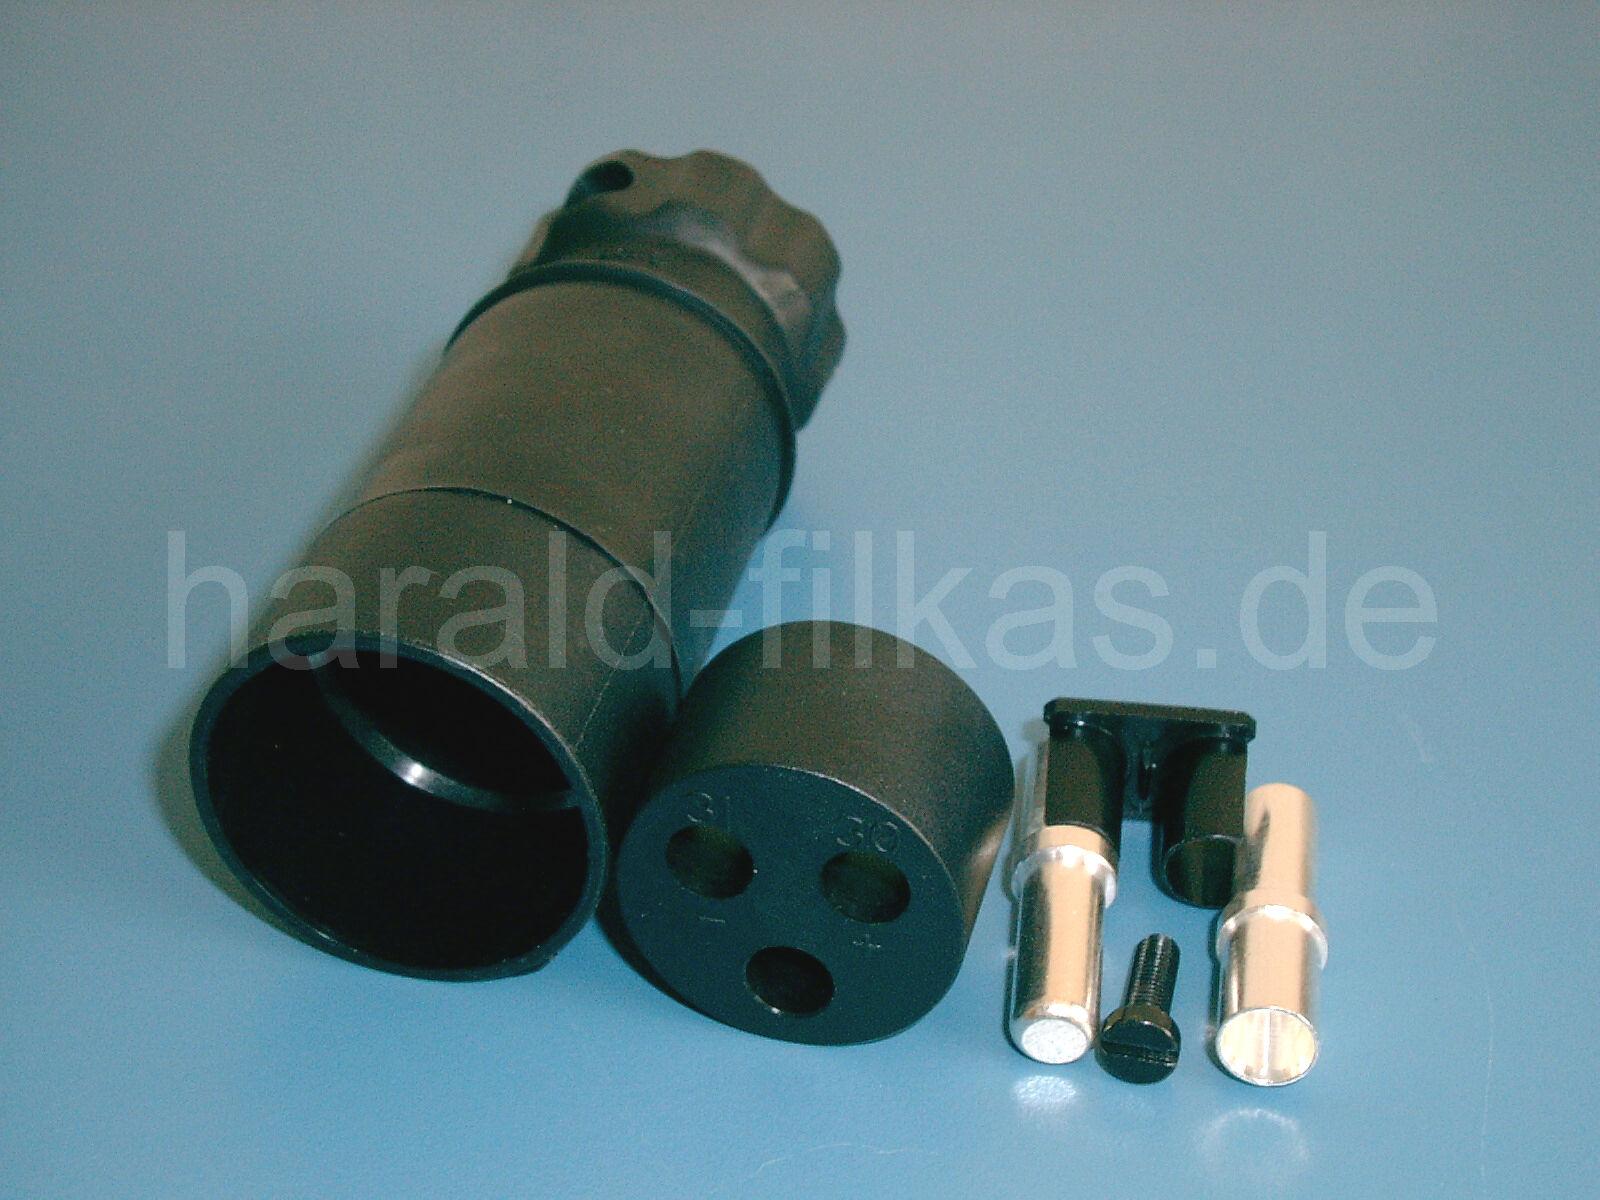 Nato-Stecker Kunststoff 50mm² in Anlehnung an VG 96917 Schweinenase bis 42V 300A